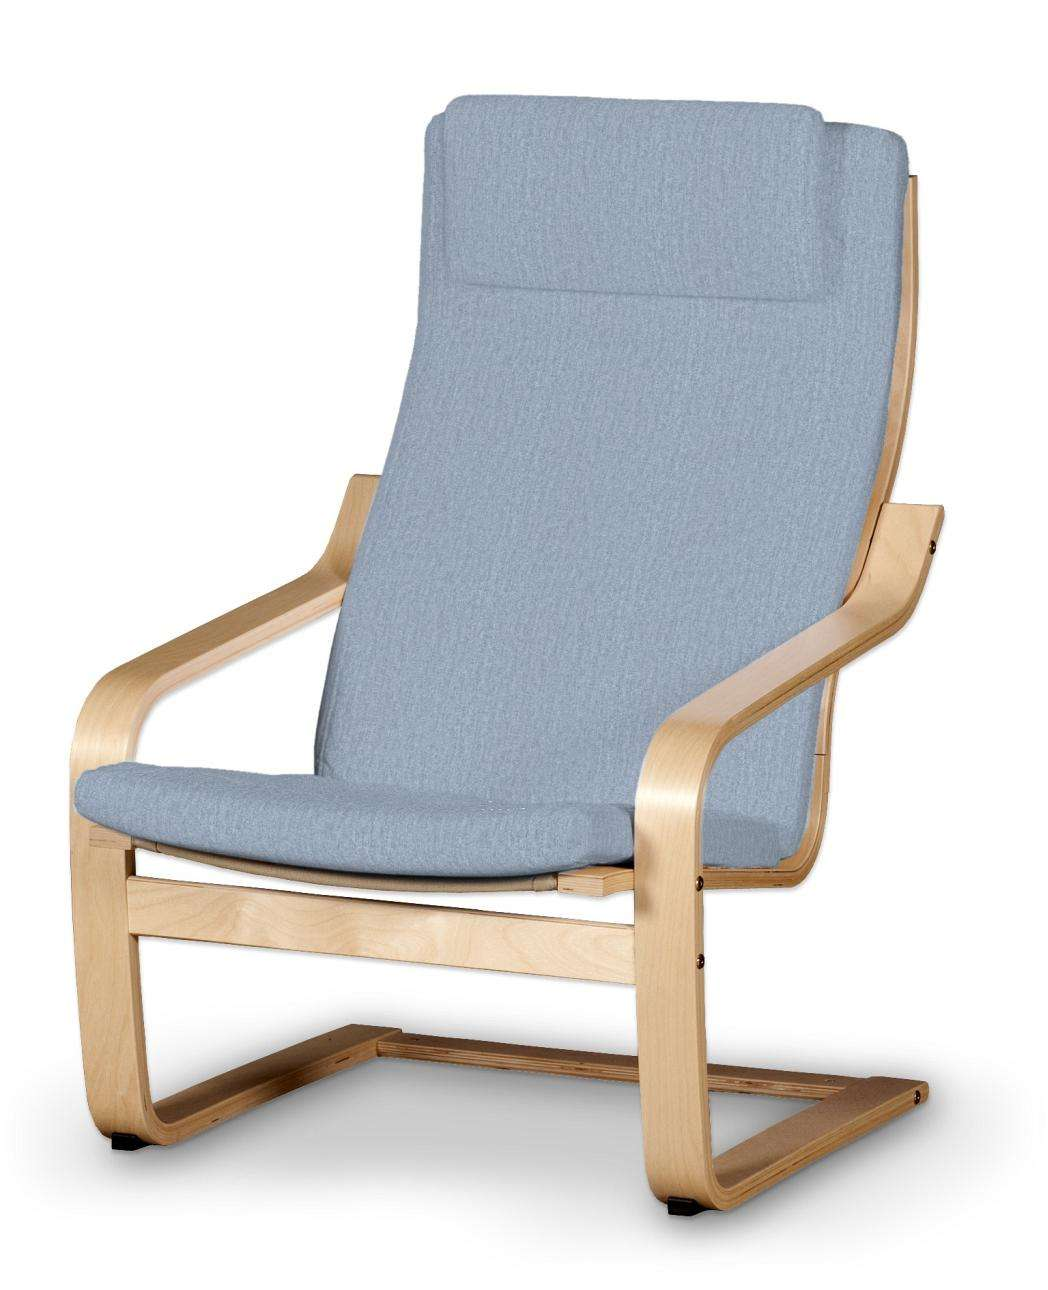 IKEA hoes voor stoel Poäng, zilver blauw, 702 13, Kussen